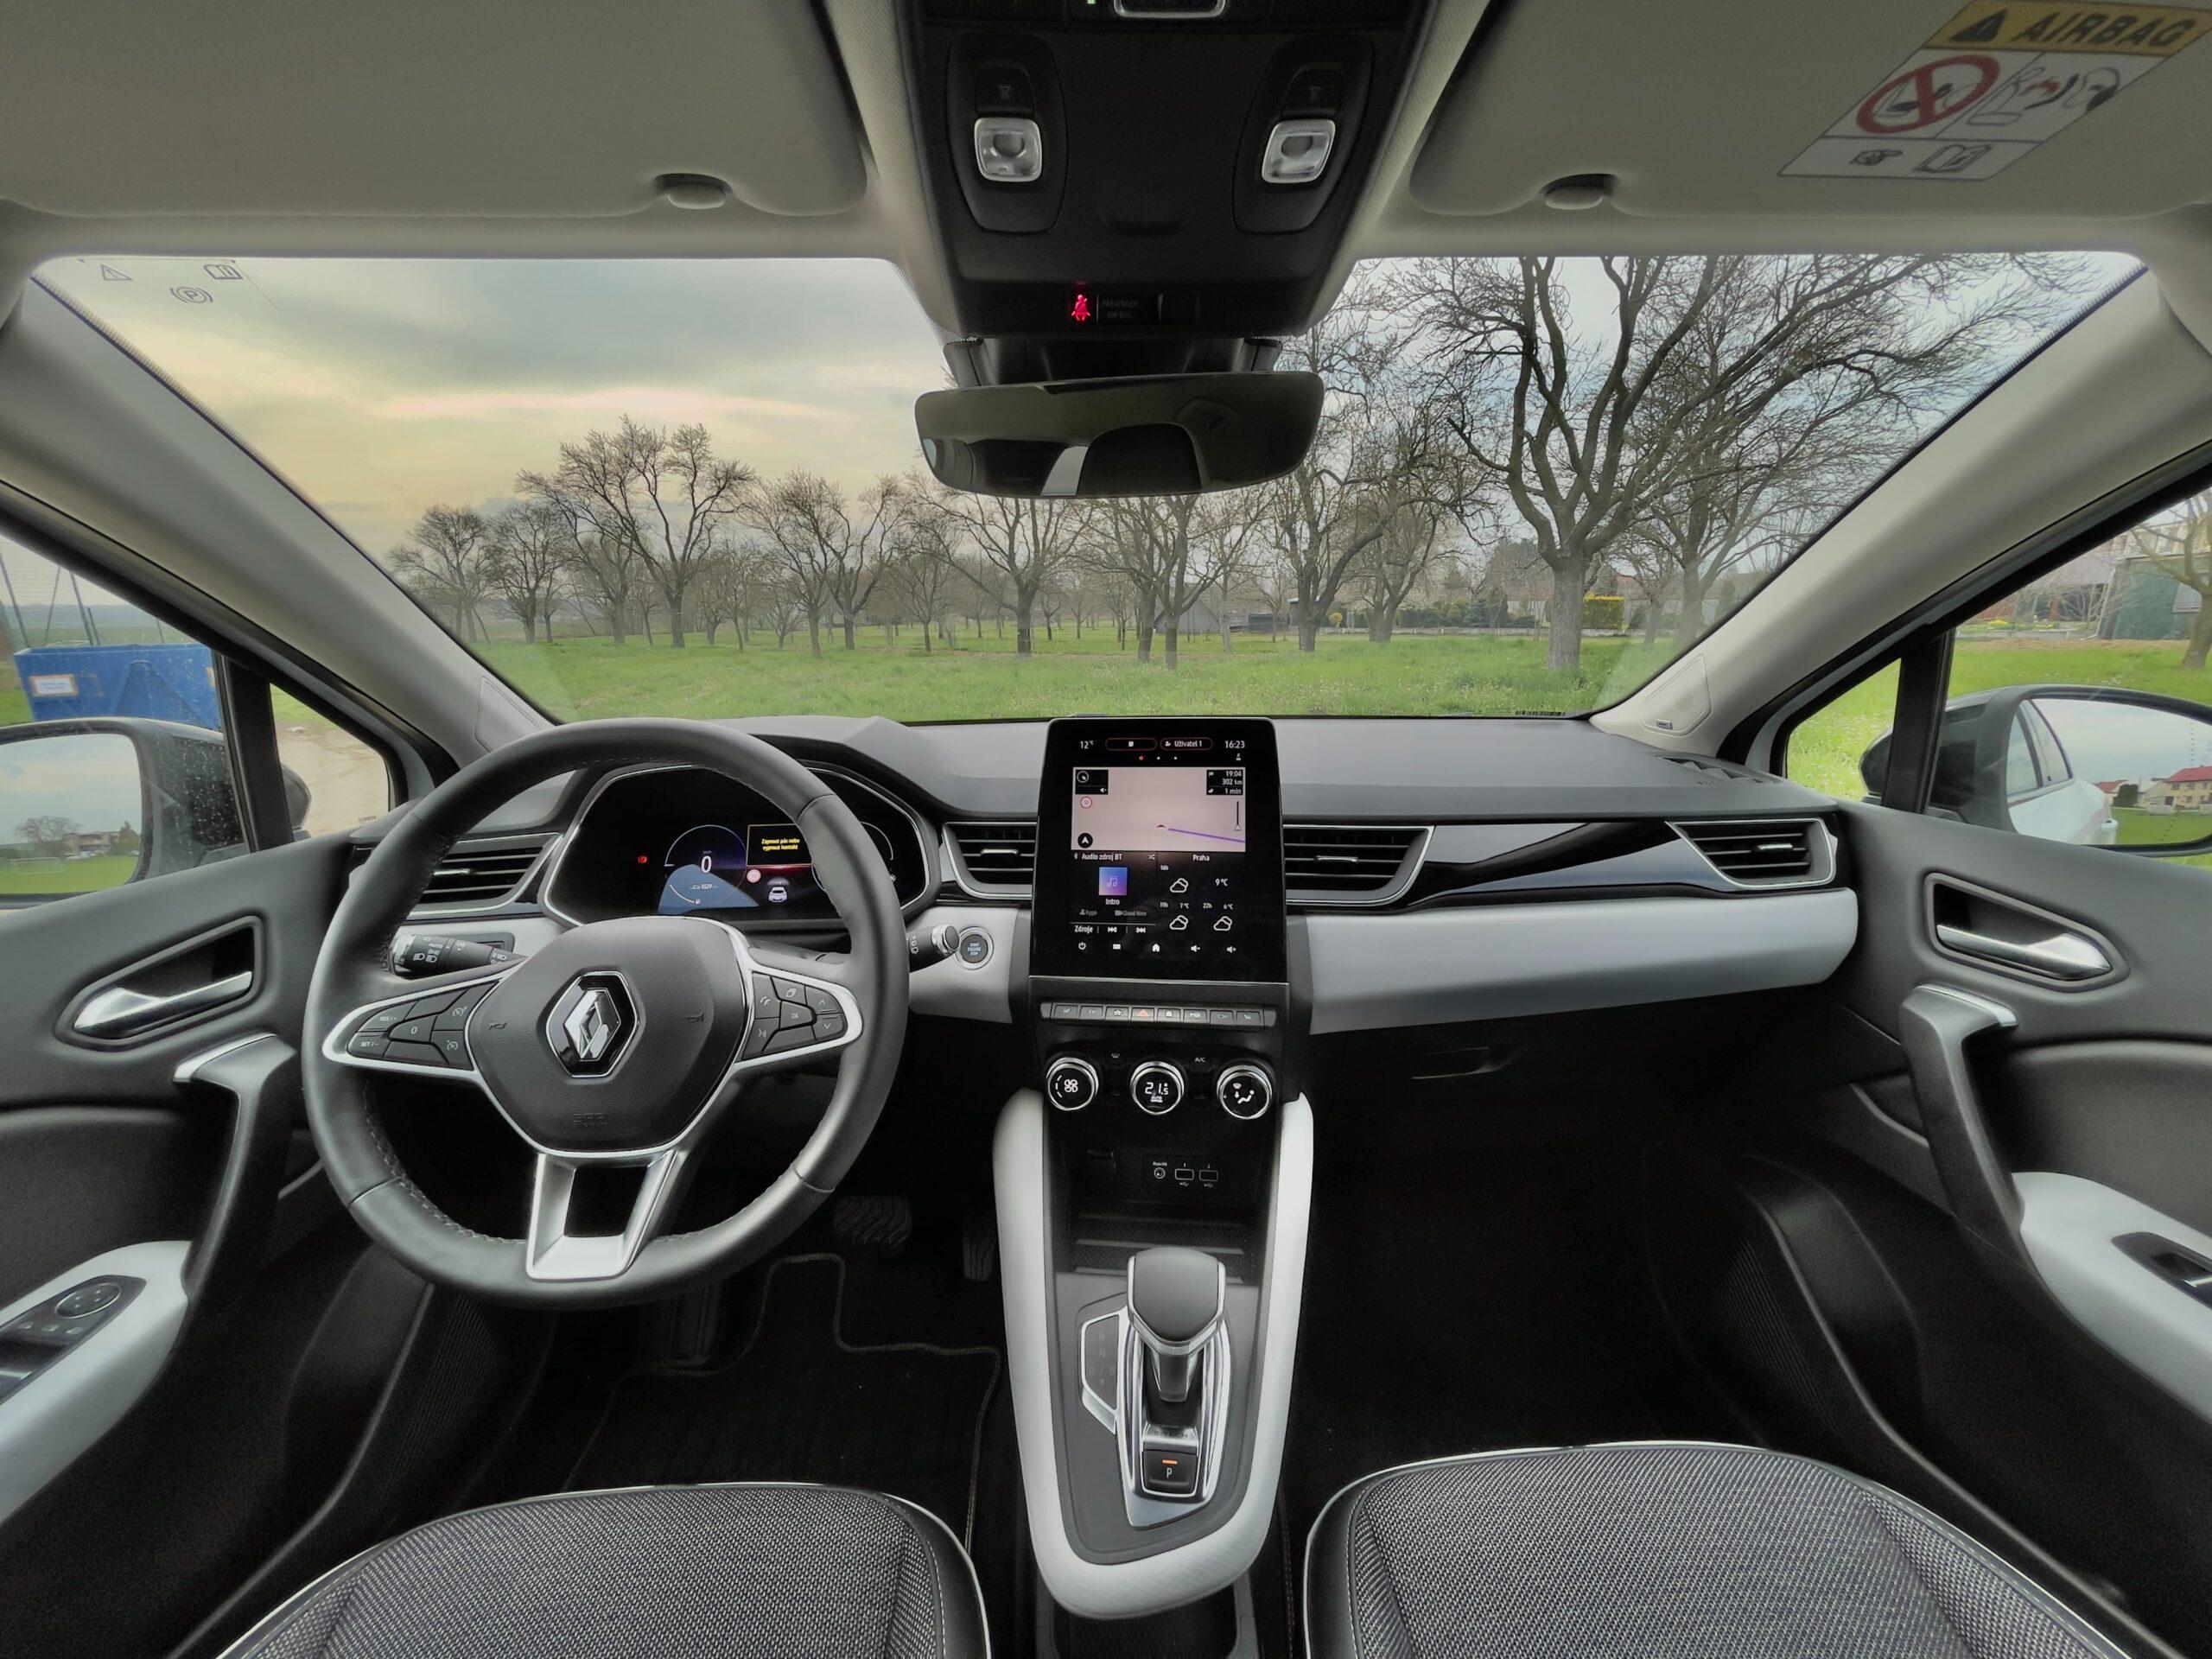 Renault_Captur_Interior_1